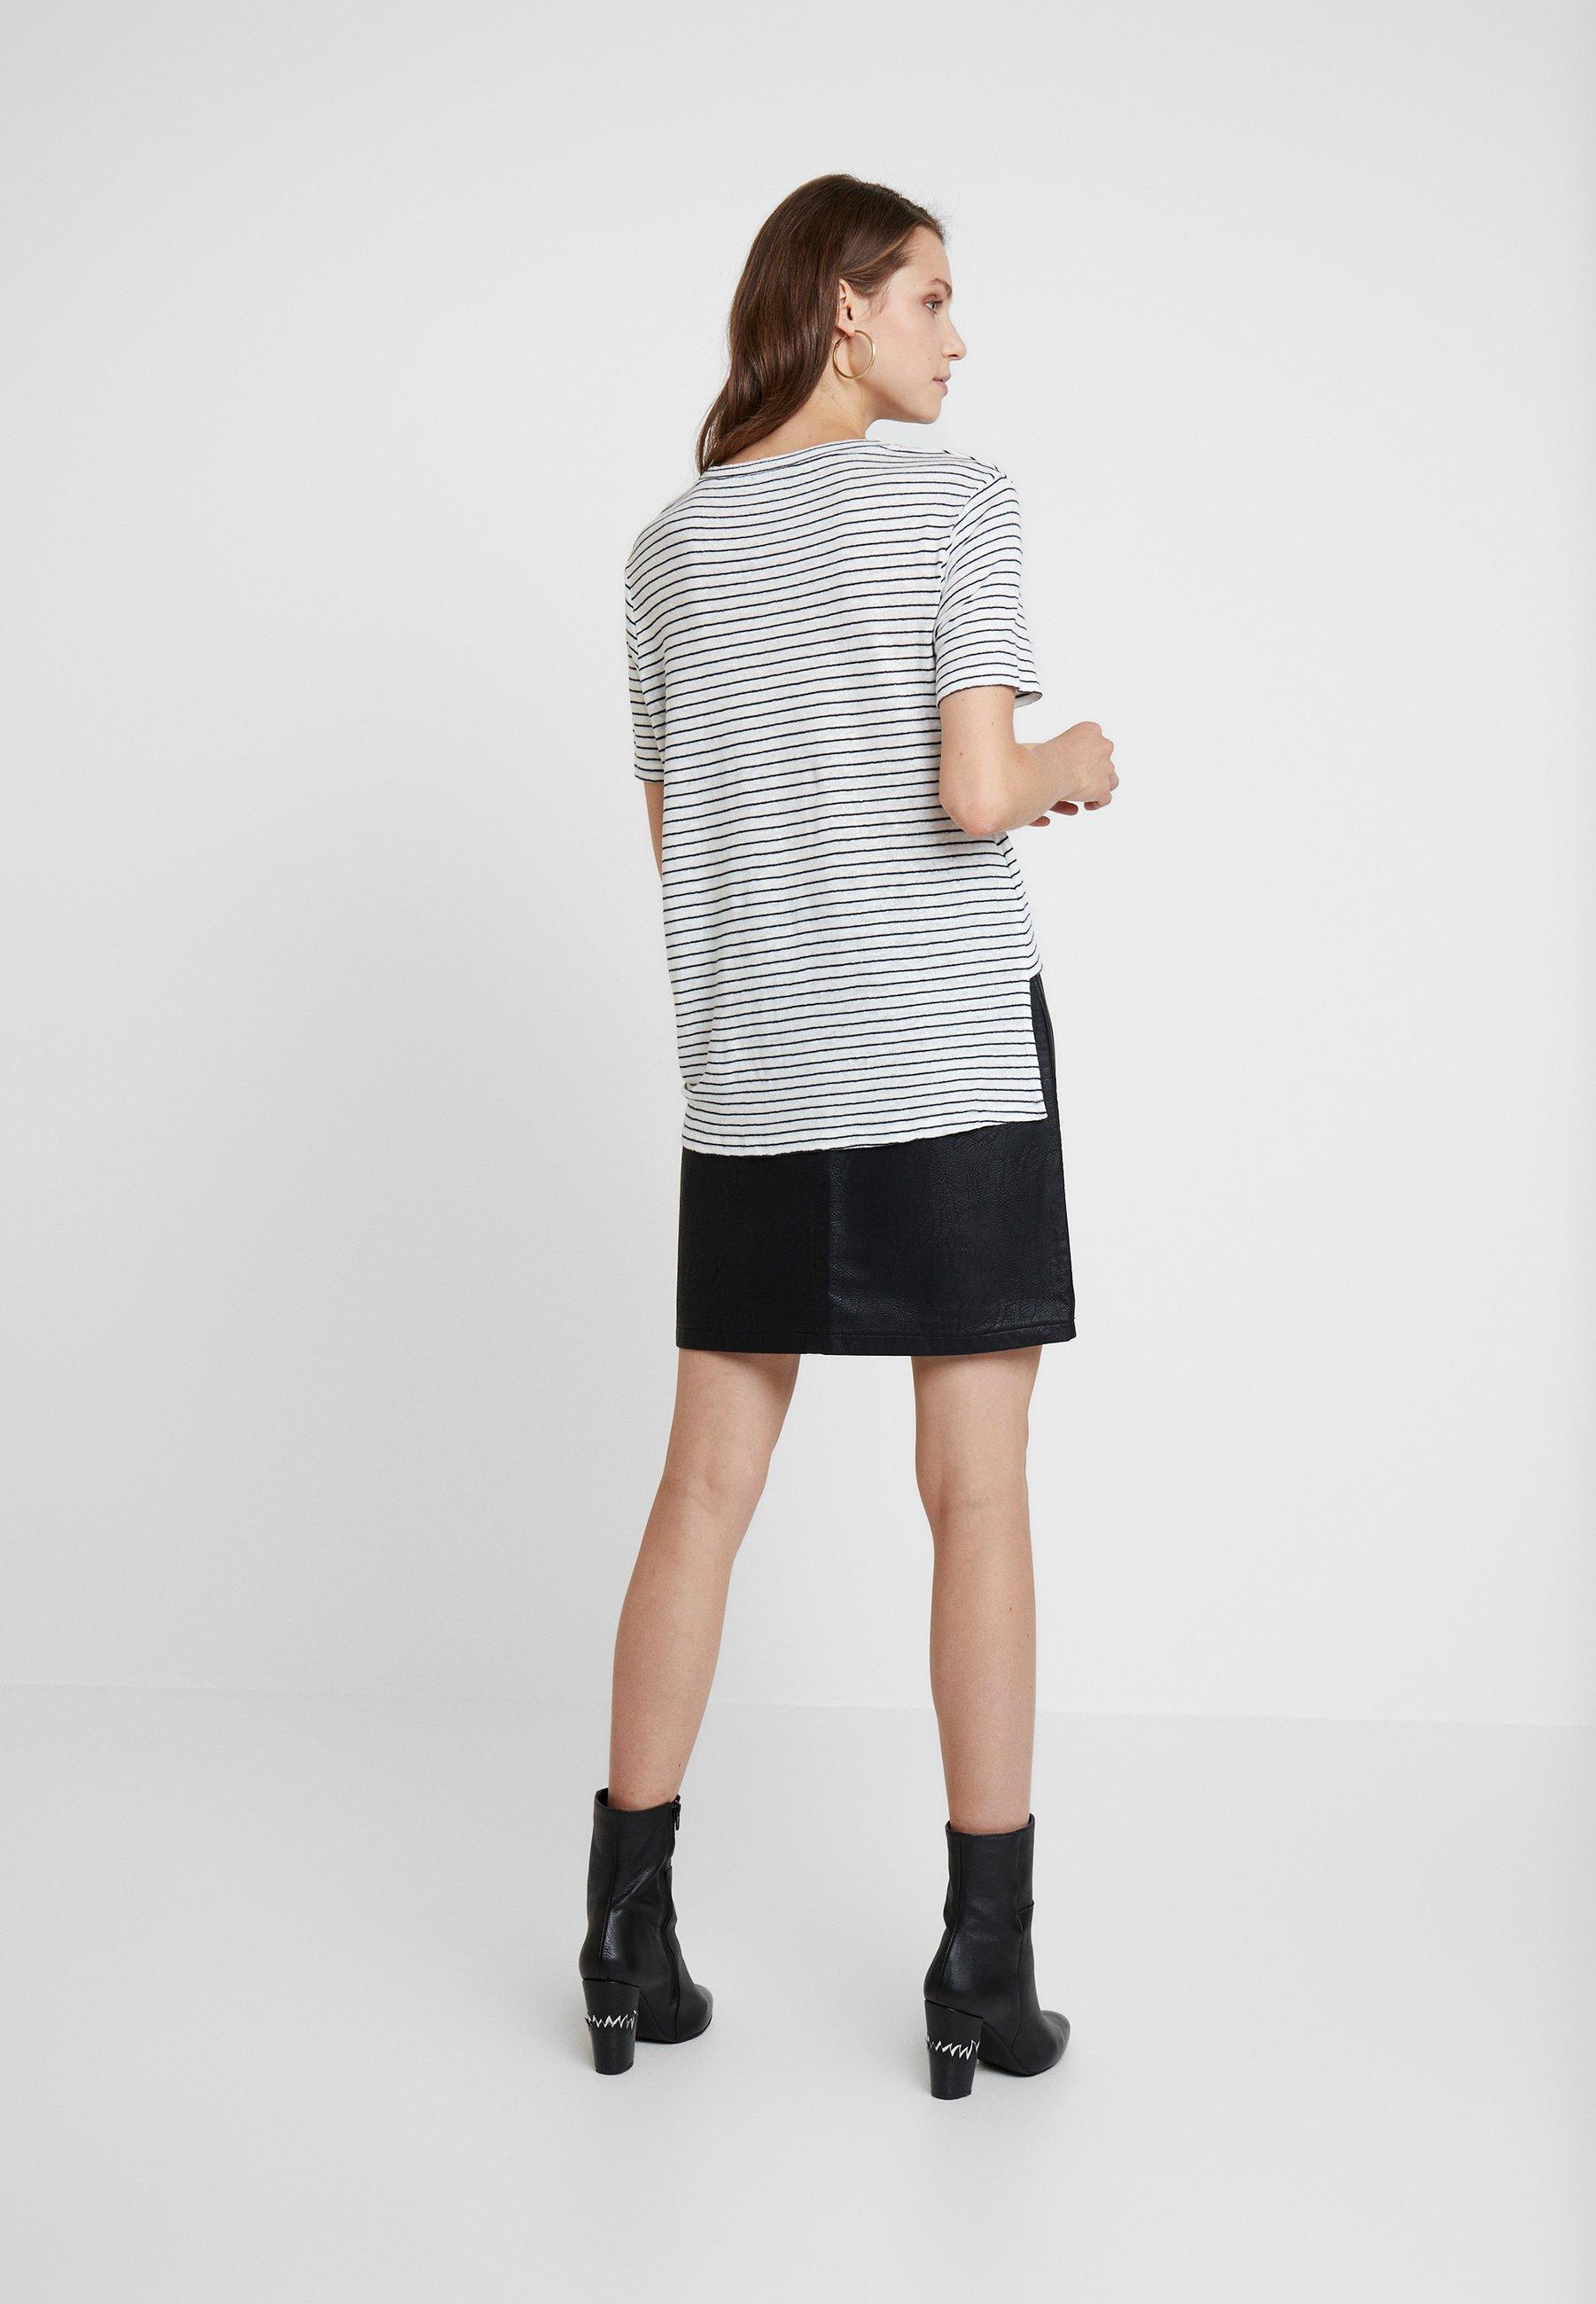 TeeT ink shirt Chalk Wilma Allsaints Imprimé Stripe 53ARjq4L